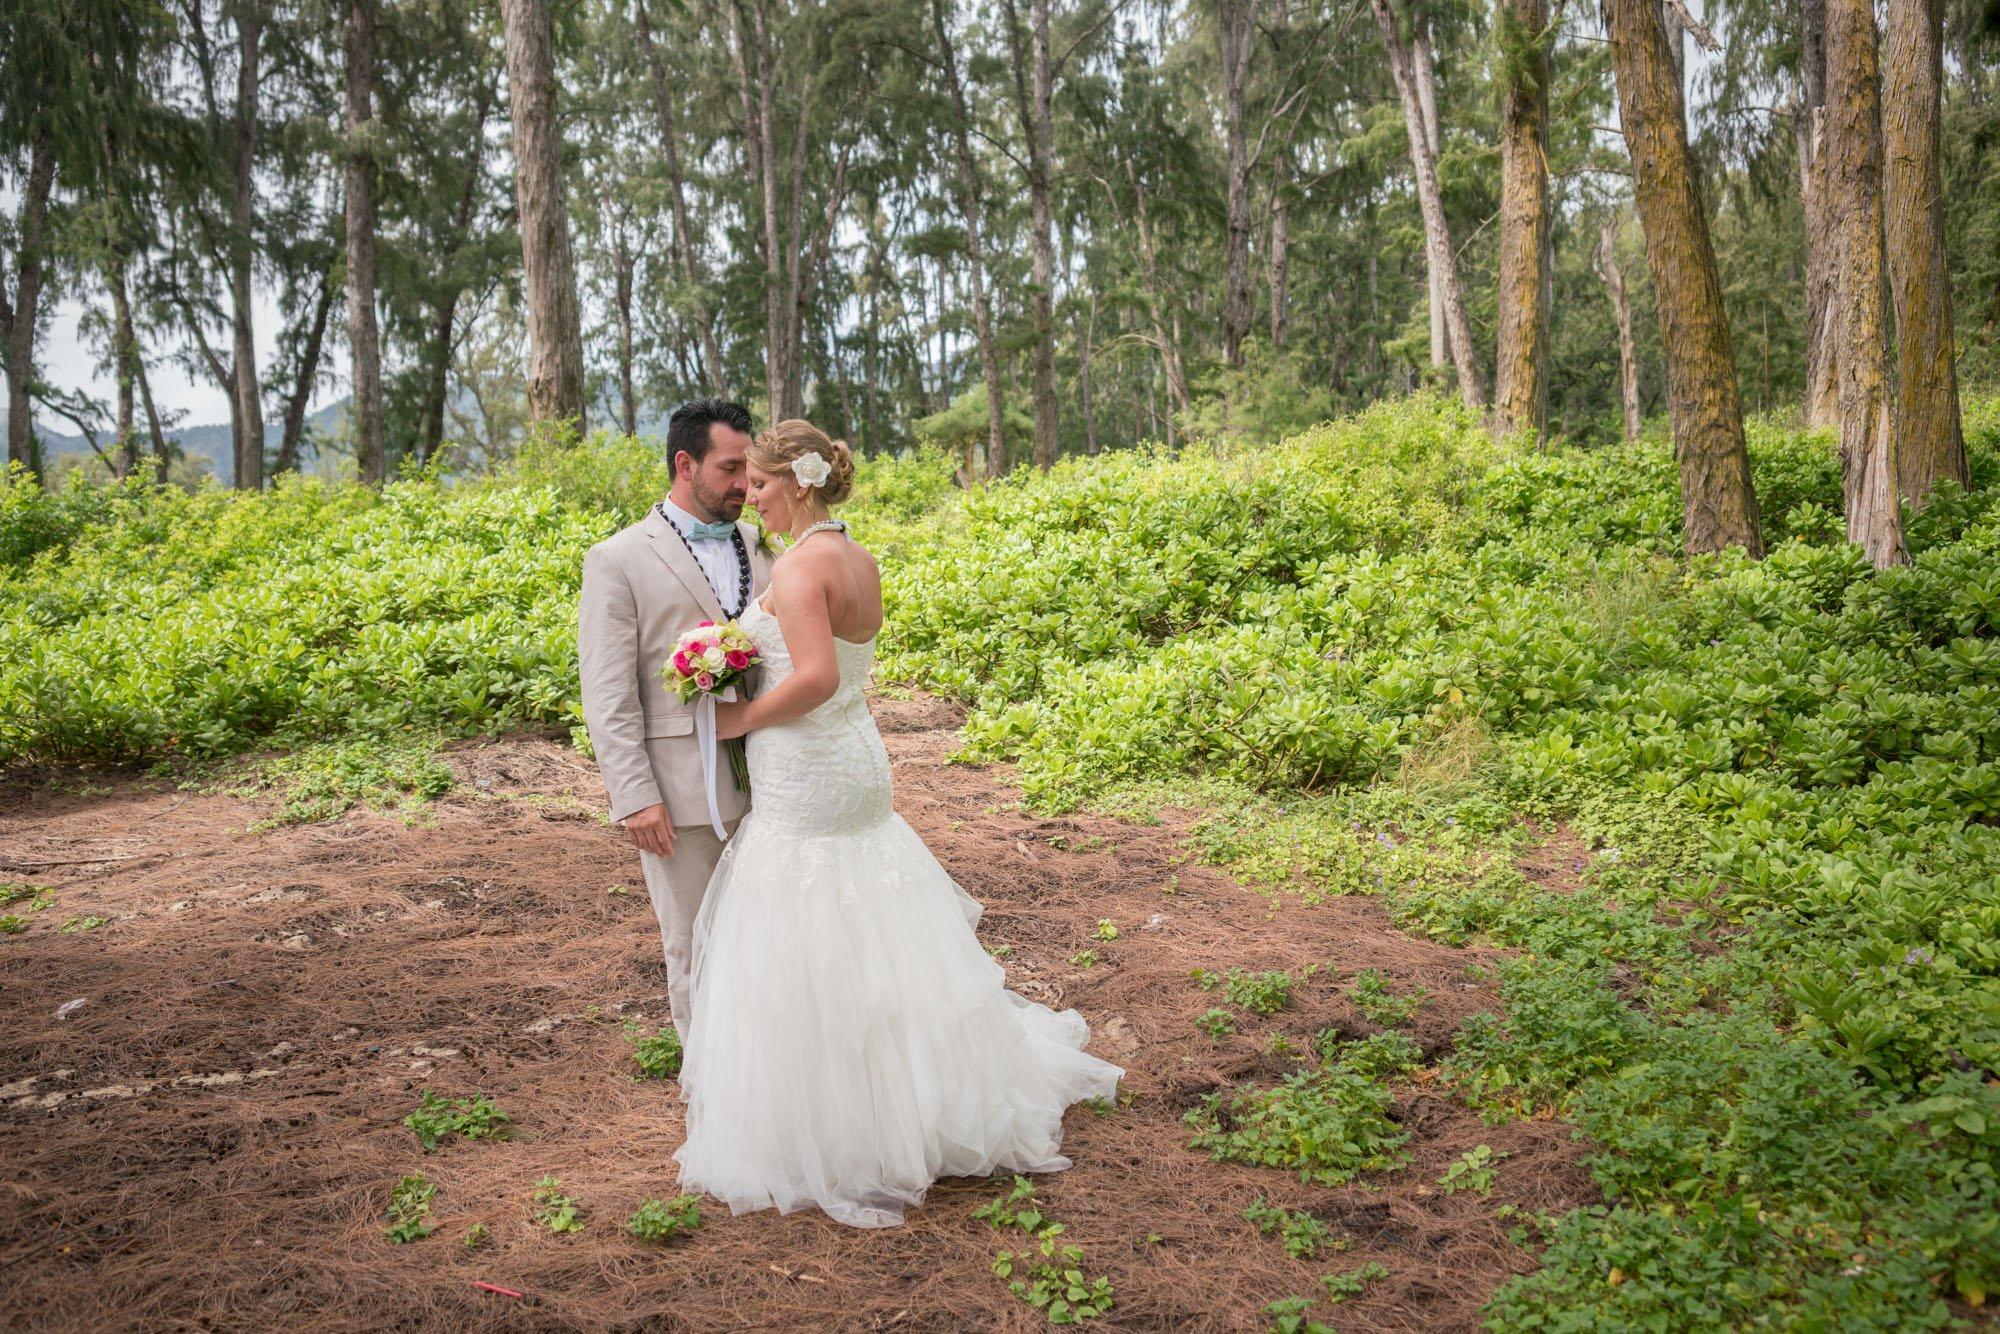 Sherwood Forest Wedding Waimanalo Oahu Hawaii Wedding Photographer